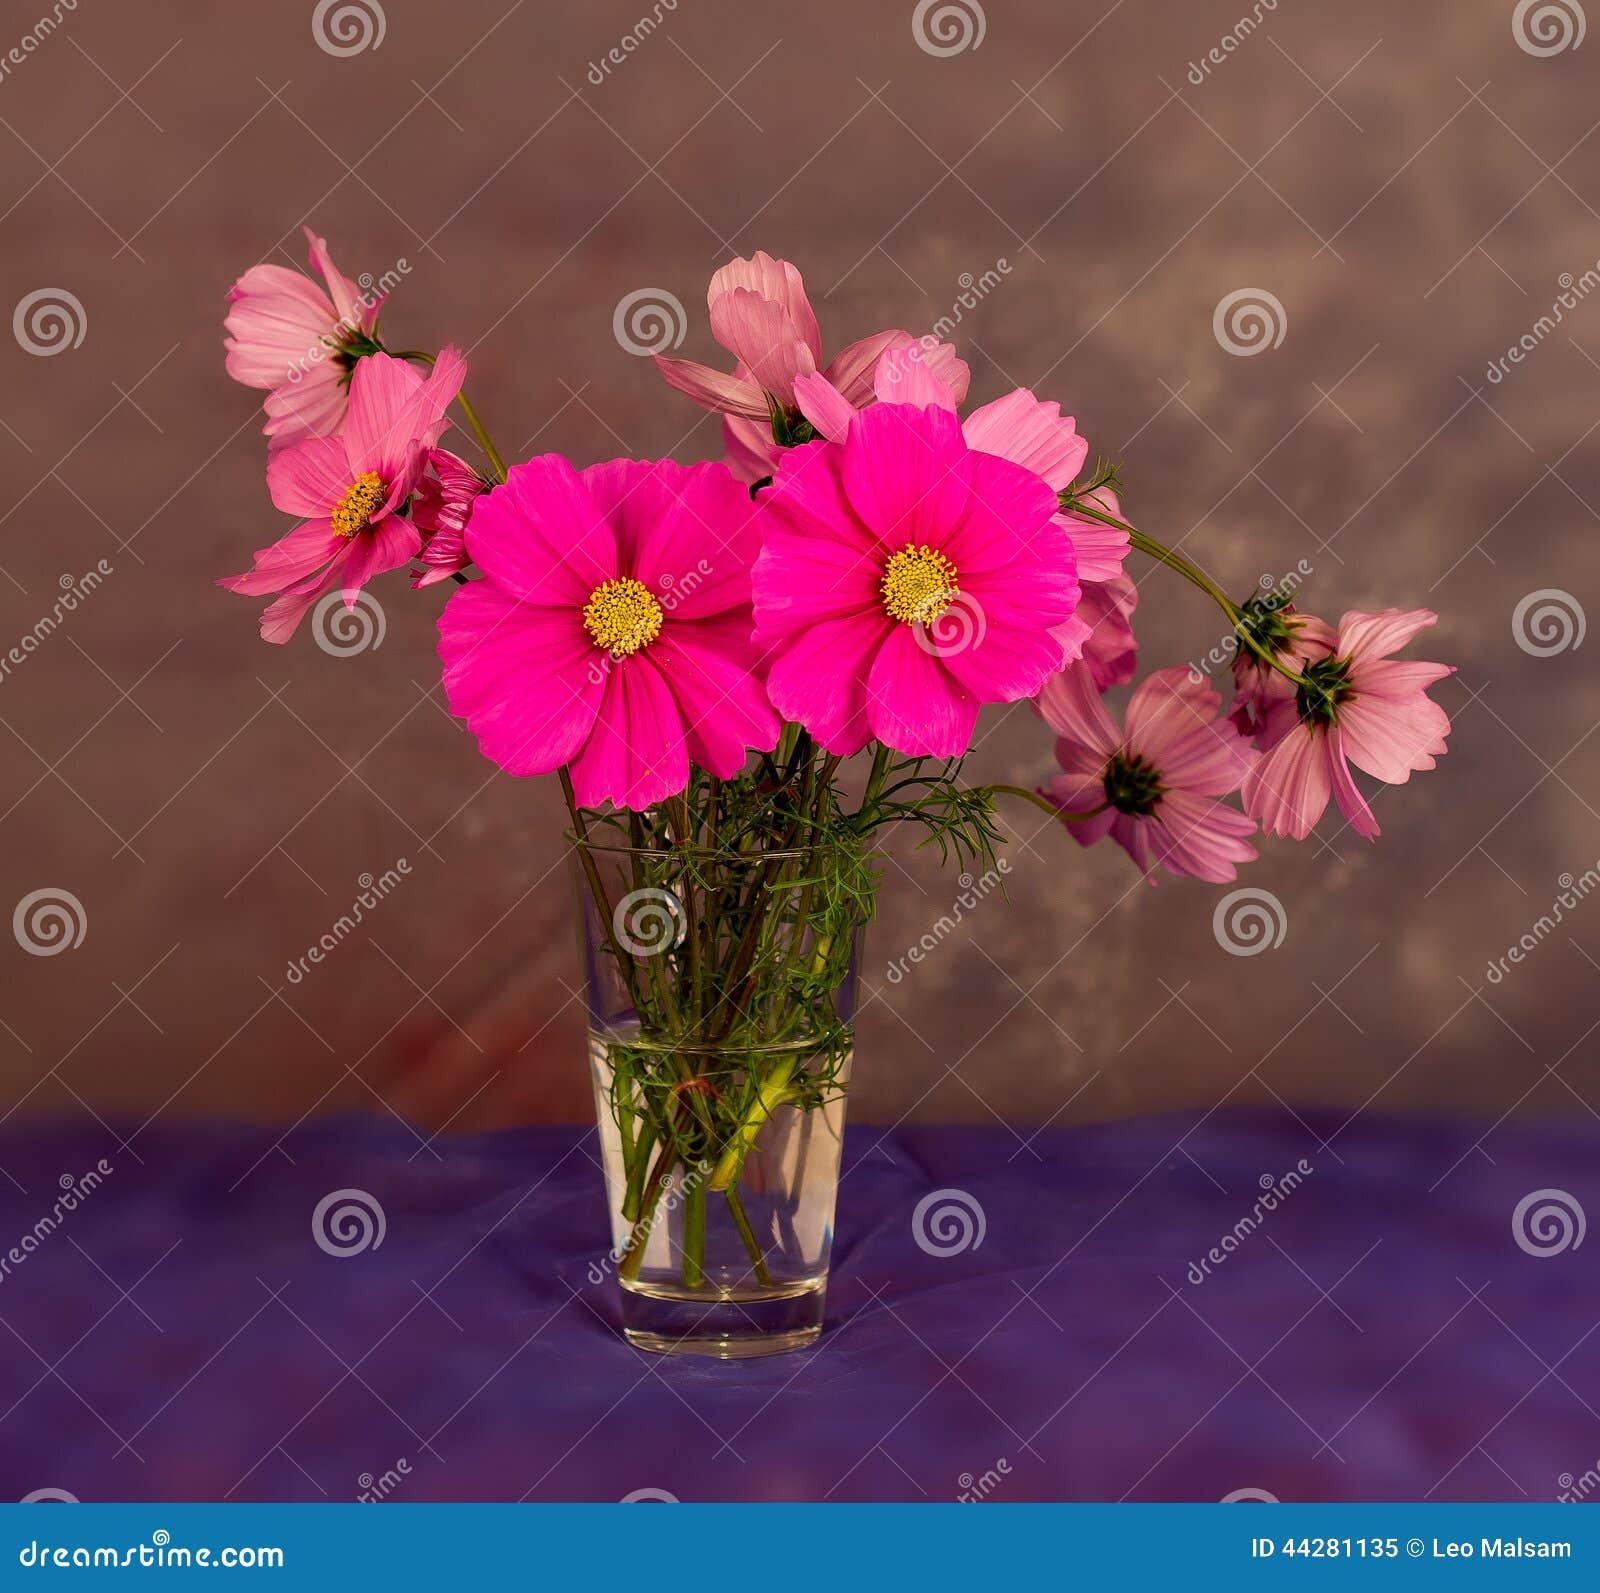 Mazzo Del Fiore Di Cosmea Immagine Stock Immagine Di Gelo 44281135